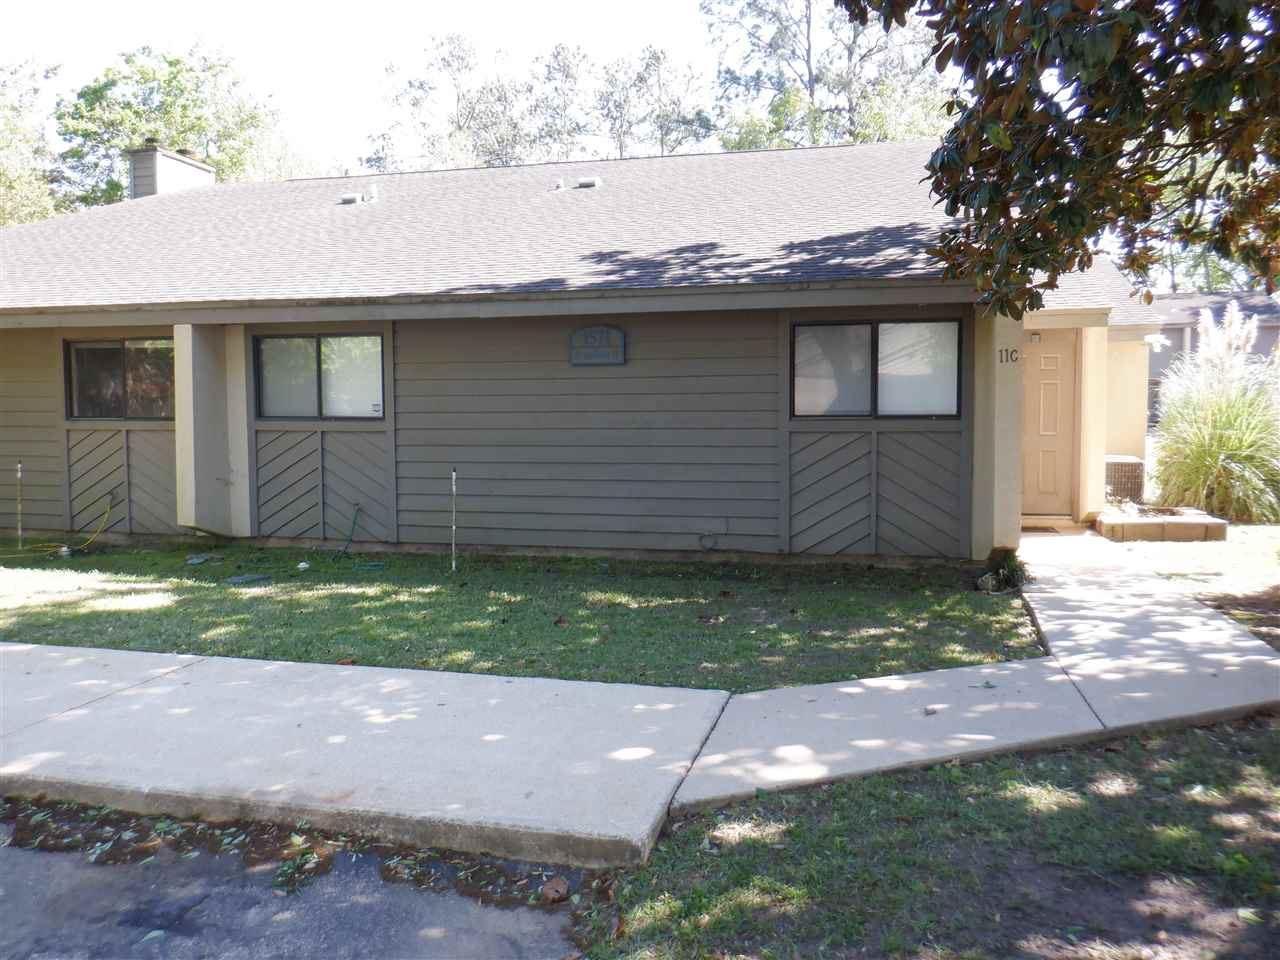 1571 Stone Road #11-C, Tallahassee, FL 32303 - MLS#: 330573